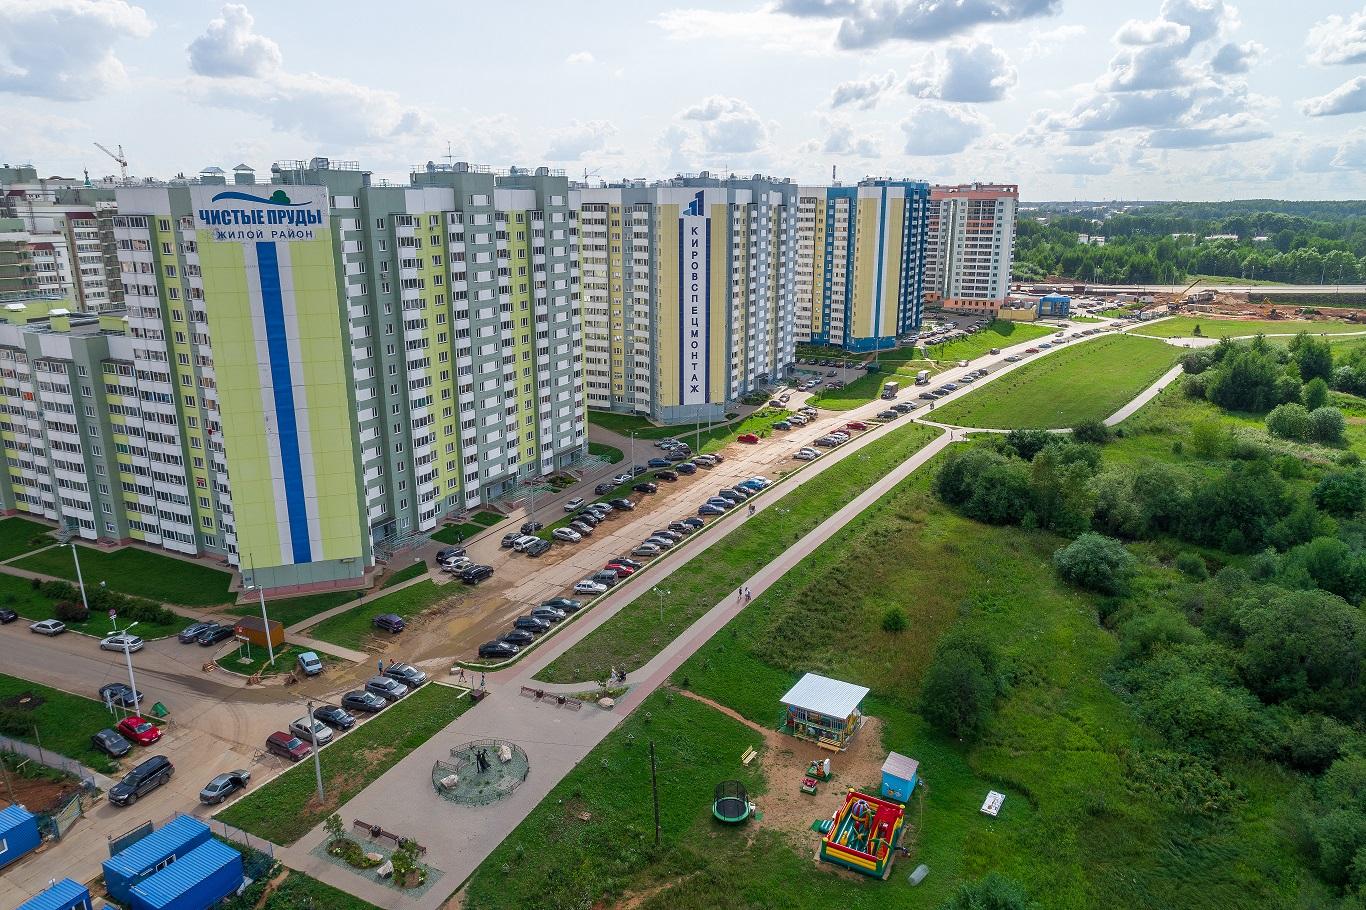 Строительная компания «Кировспецмонтаж»  - лидер строительного комплекса Кировской области.